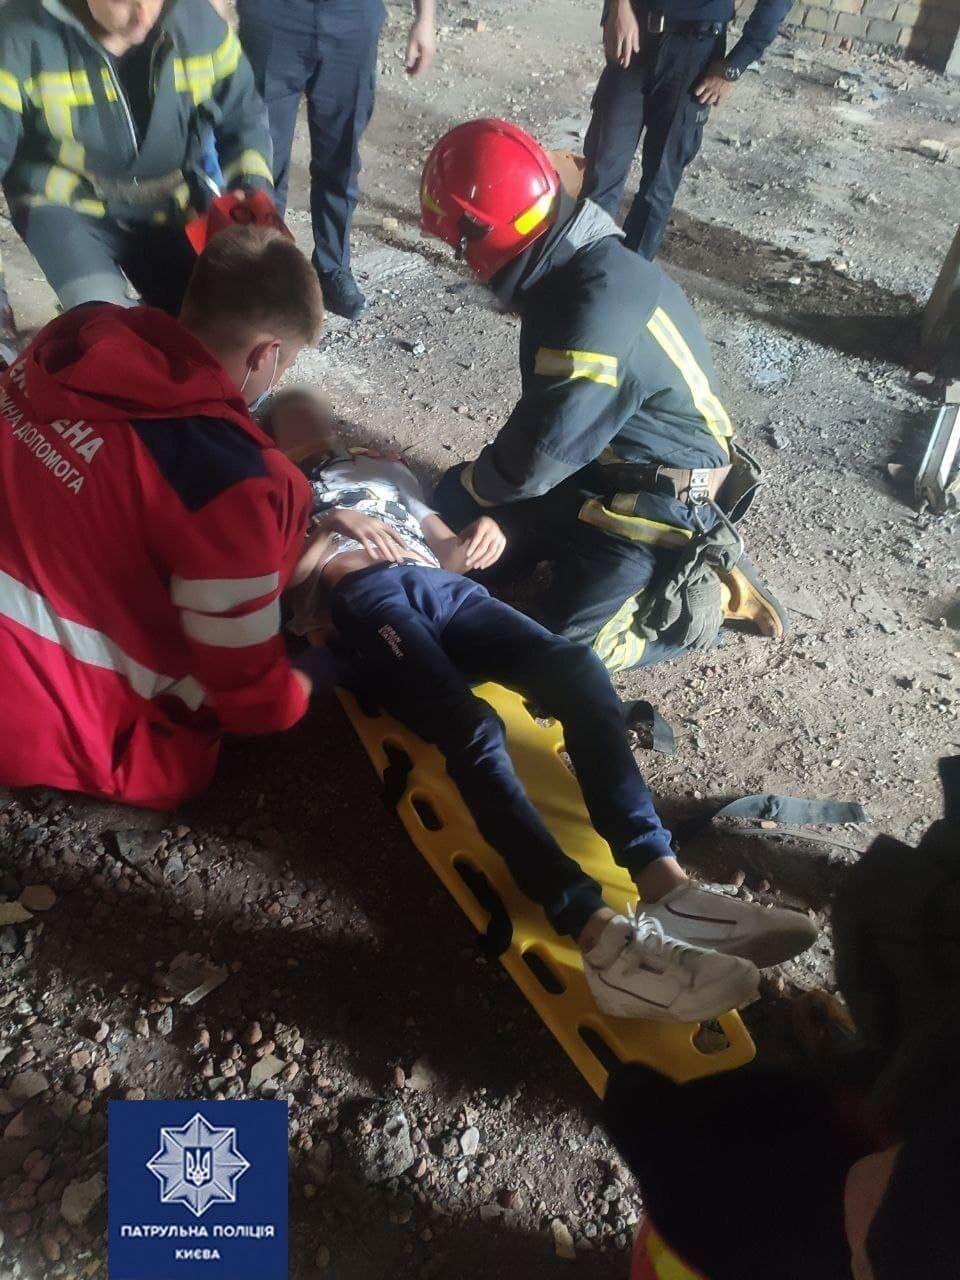 Подростка госпитализировали в больницу.